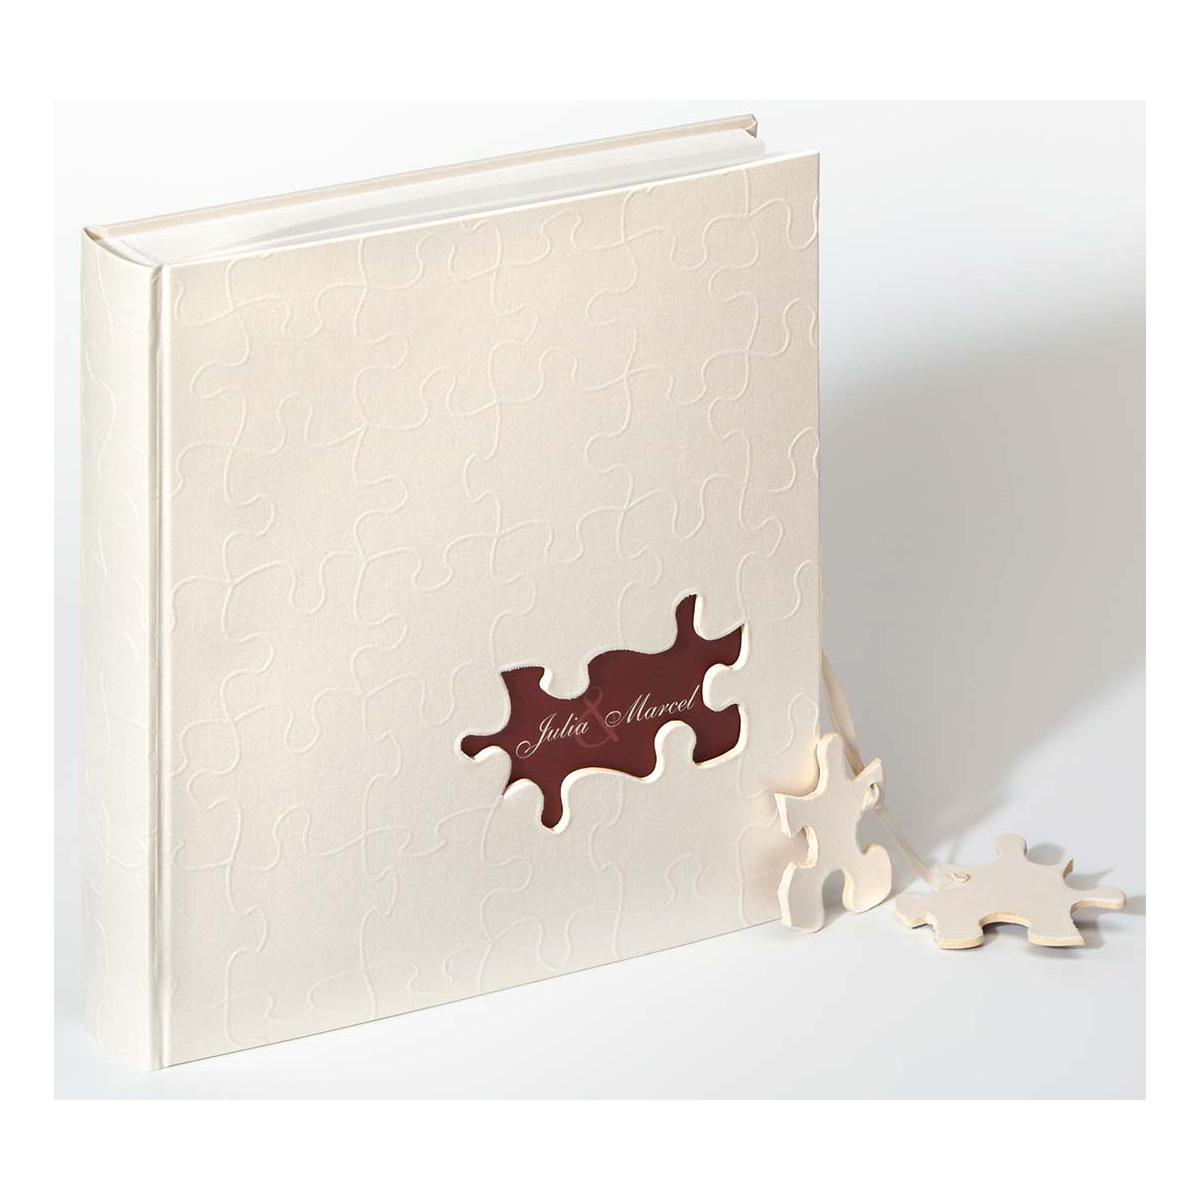 Album di nozze Puzzle con nomi degli sposi